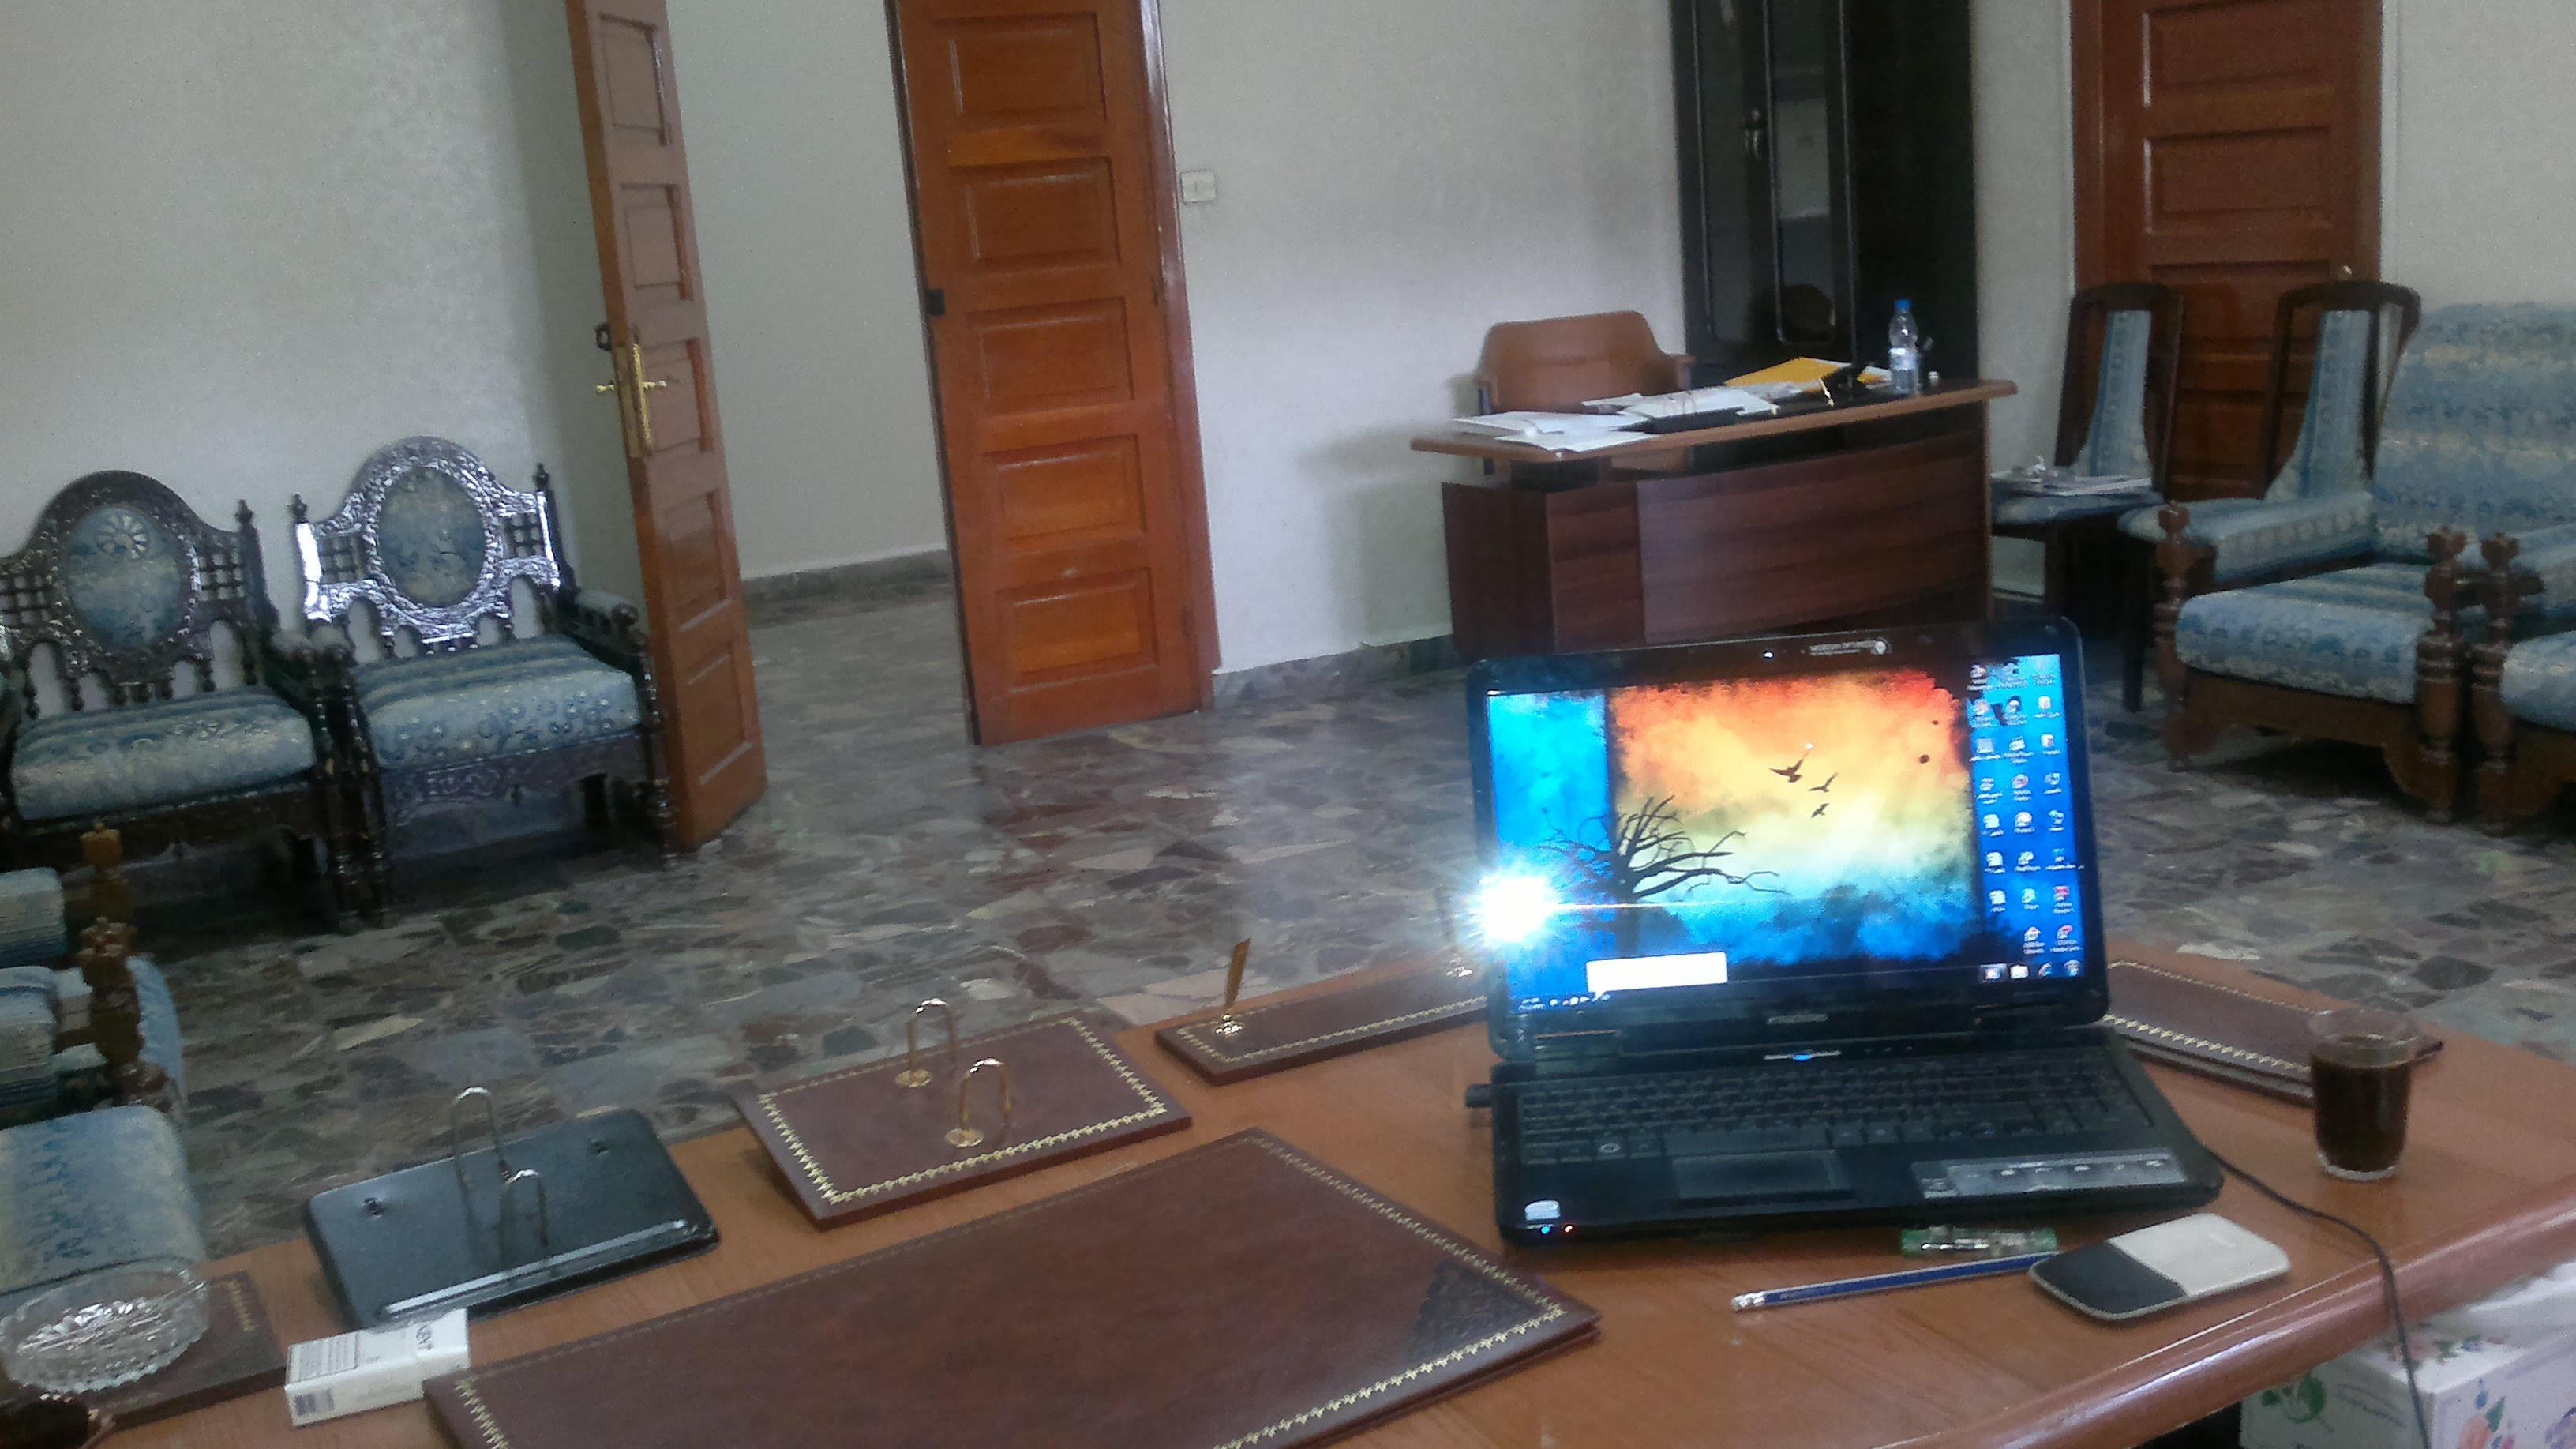 Bureau de Abdelmajeed Barakat à la cellule de gestion de crise de Syrie